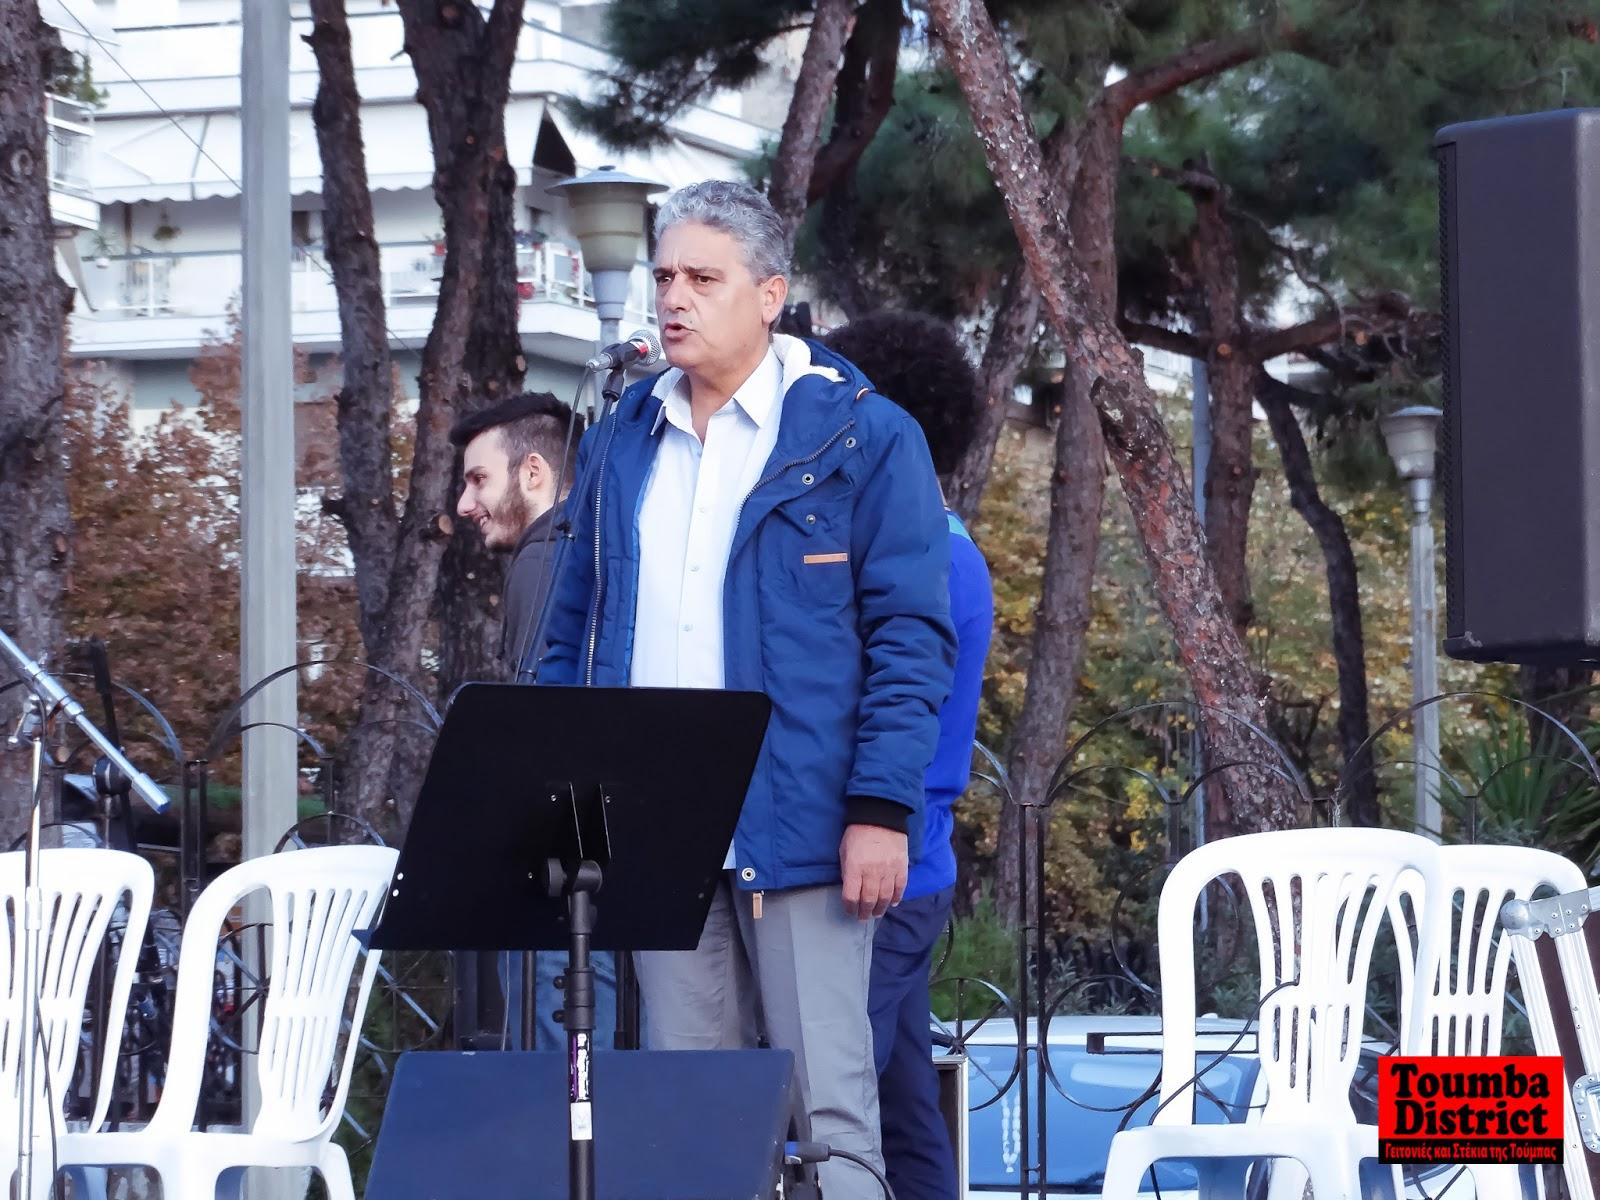 Δήλωση υποψηφιότητας του Κωνσταντίνου Τσιαπακίδη: Ενωμένοι για την σύγχρονη Τούμπα -